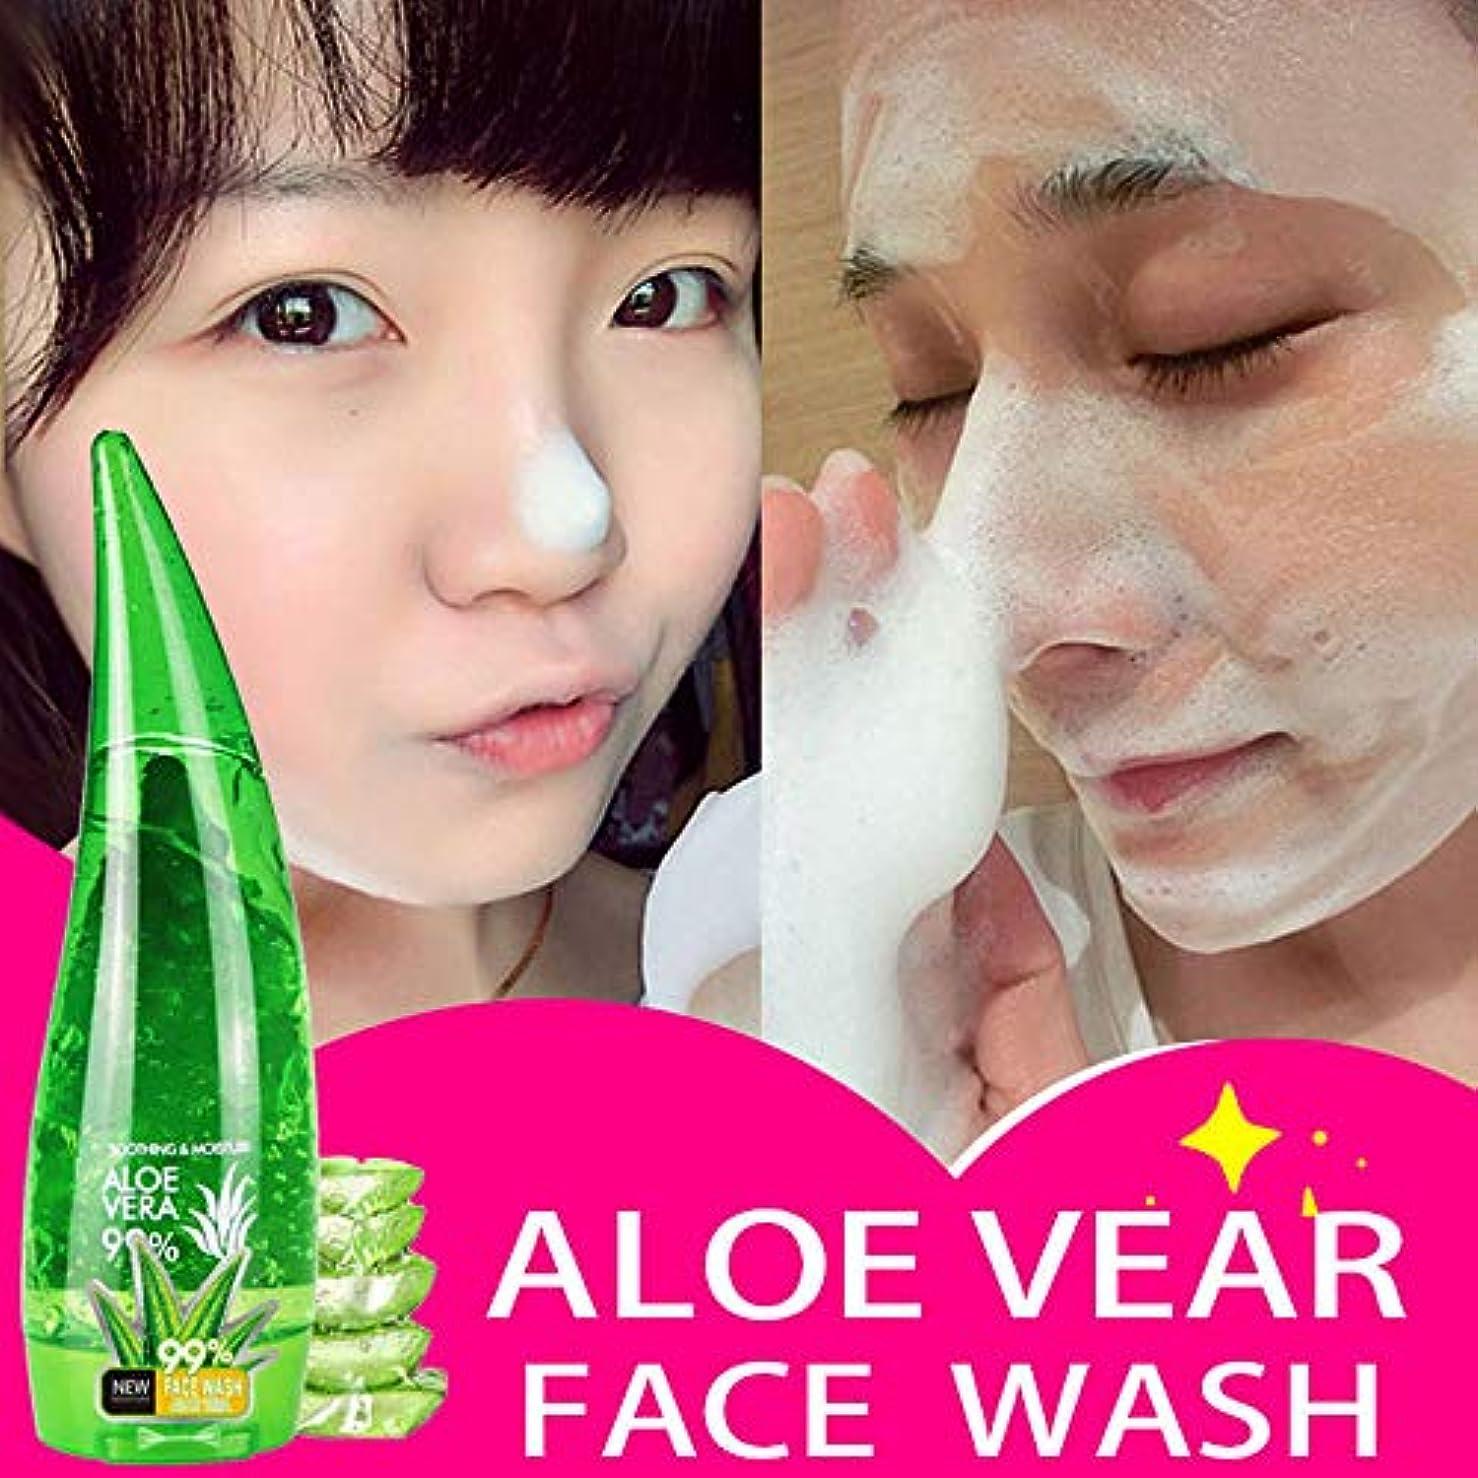 ベアリングサークルまろやかな異なるAkane Pretty Cowry 顔洗い 綺麗に 素敵 水分補給 保湿 角質除去 クレンジング 浄化 オイルコントロール ジェル 使いやすい 洗顔料 アロエクリーム